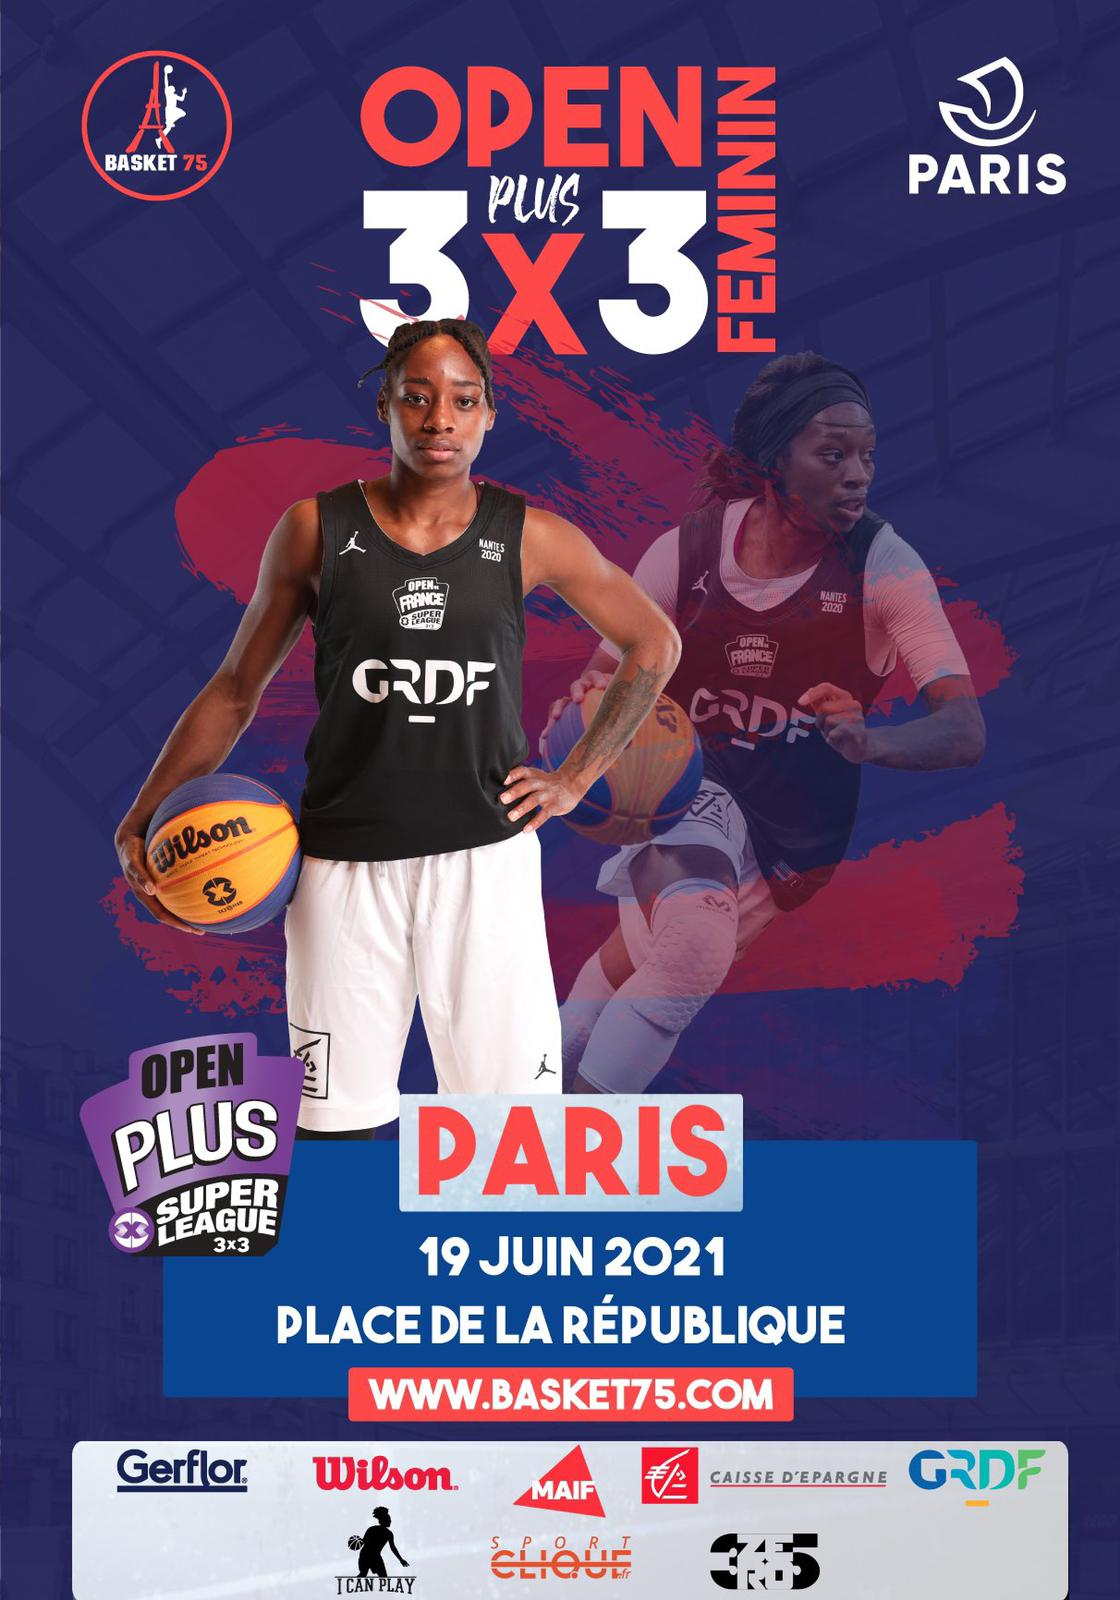 Affiche de l'Open Plus Féminin de Paris